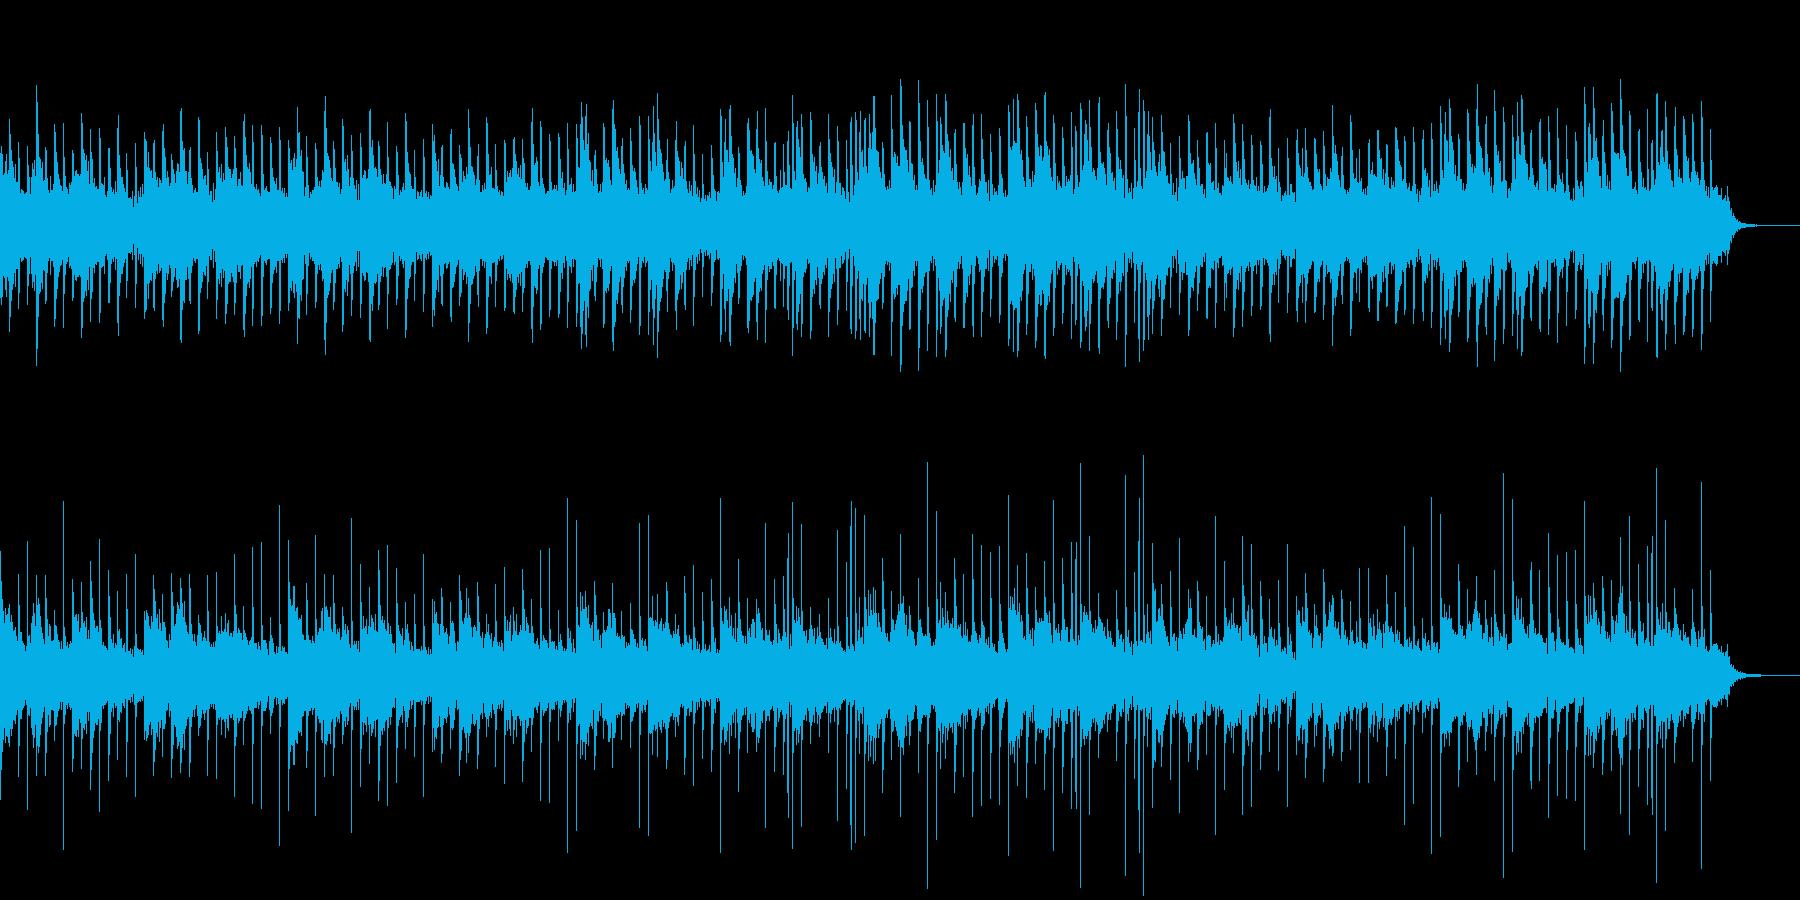 ホラーなピアノBGM01の再生済みの波形